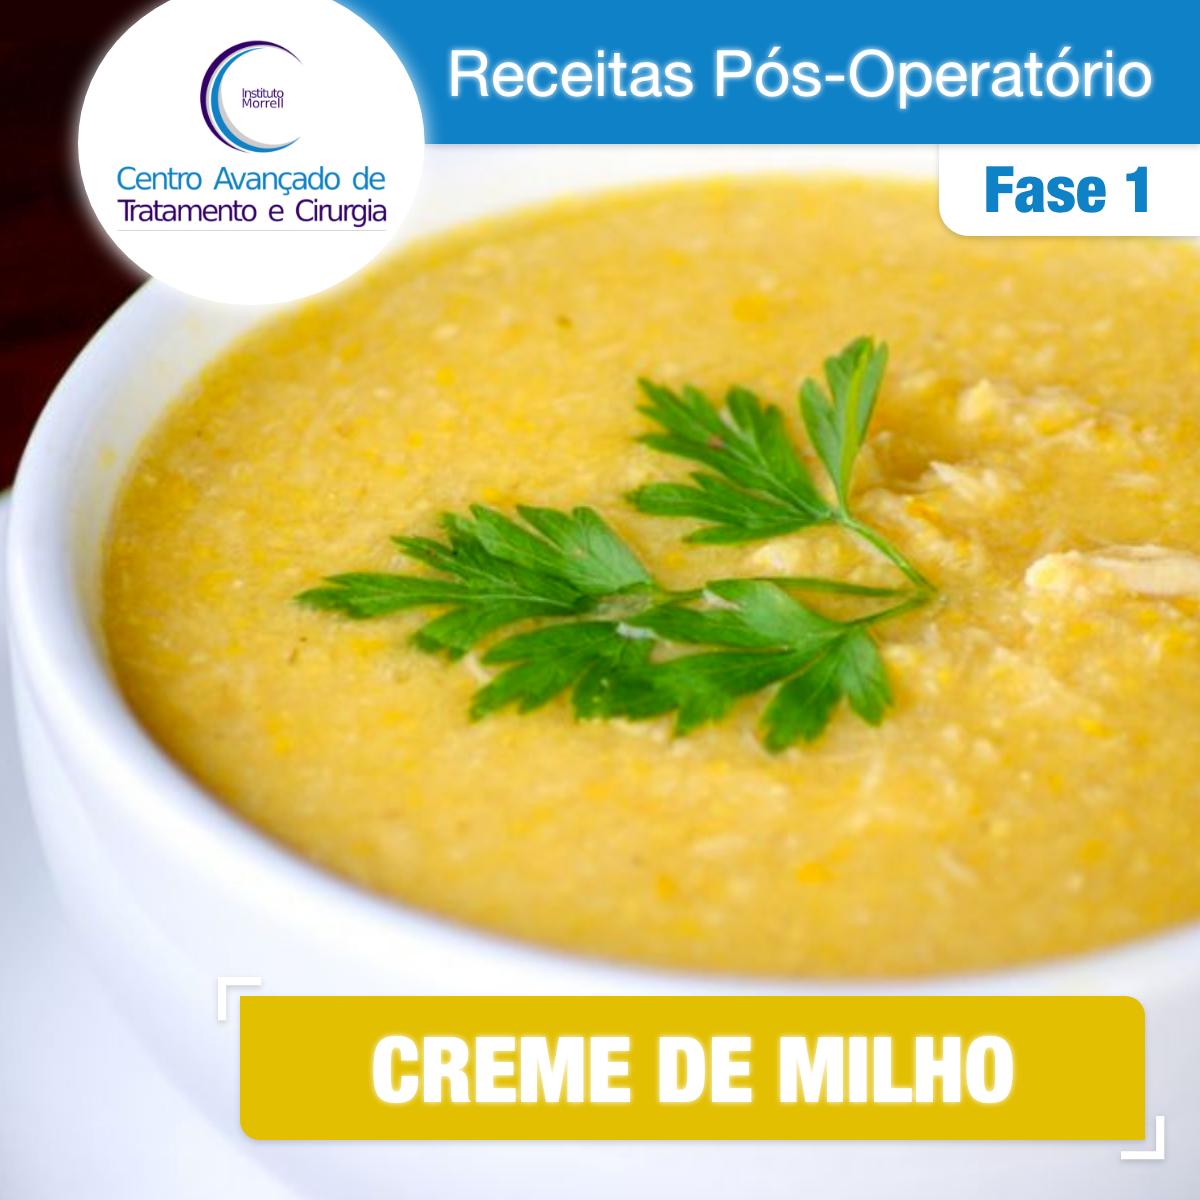 INSTITUTO_MORRELL-2018-Receitas_Pós-Operatório_-_FASE_1_-_CREME_DE_MILHO-1200x1200.png